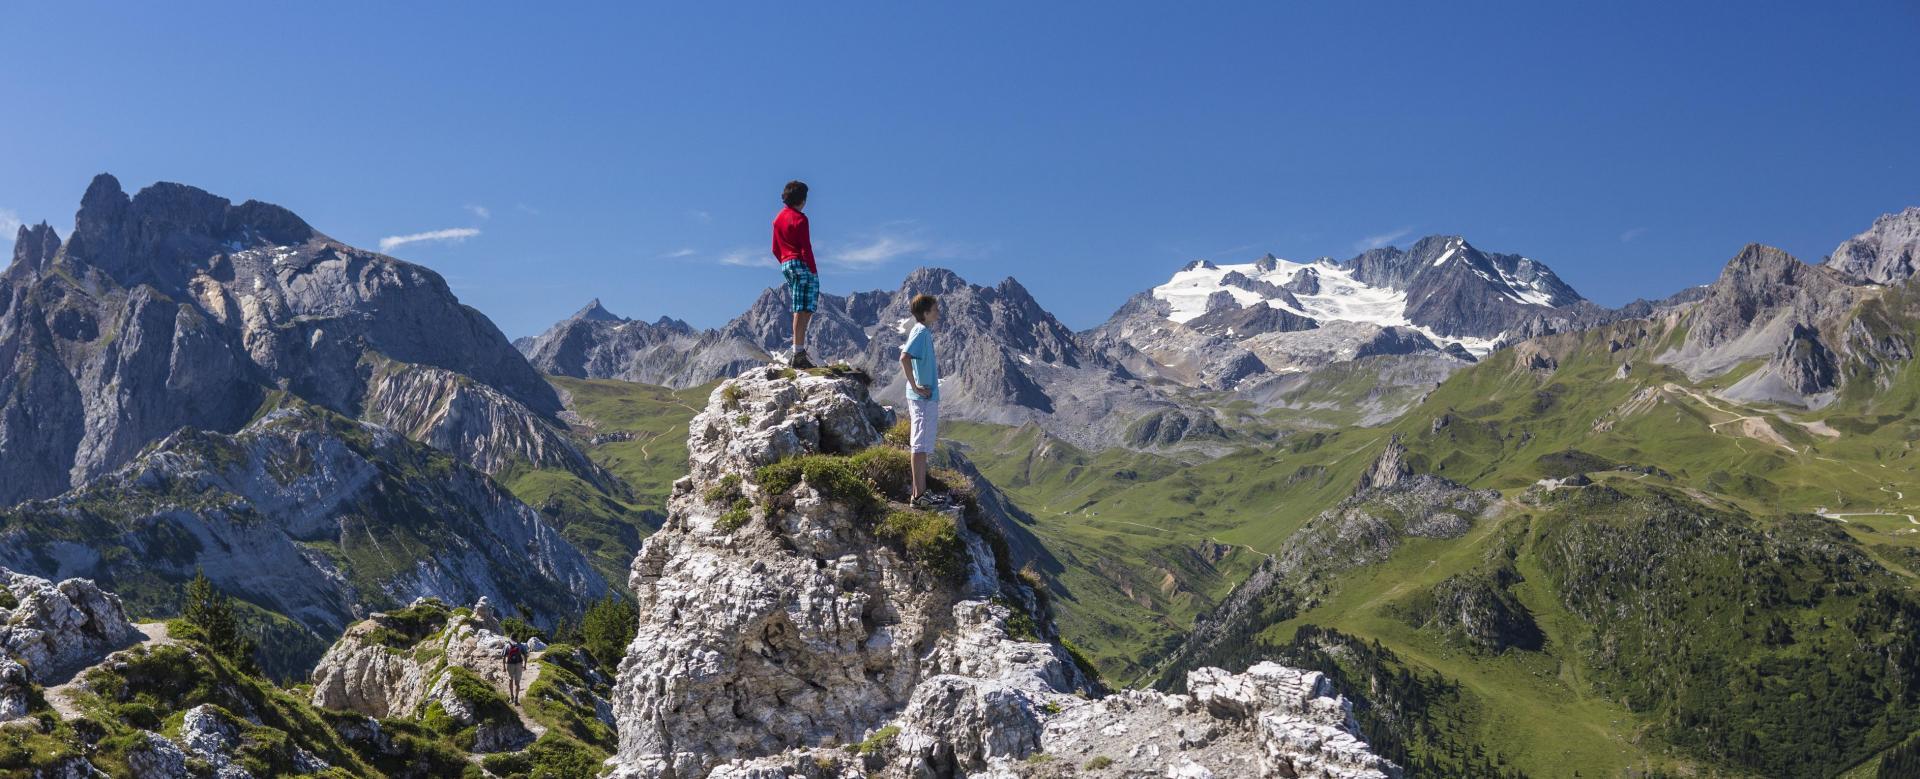 Voyage à pied France : Le tour de la vanoise